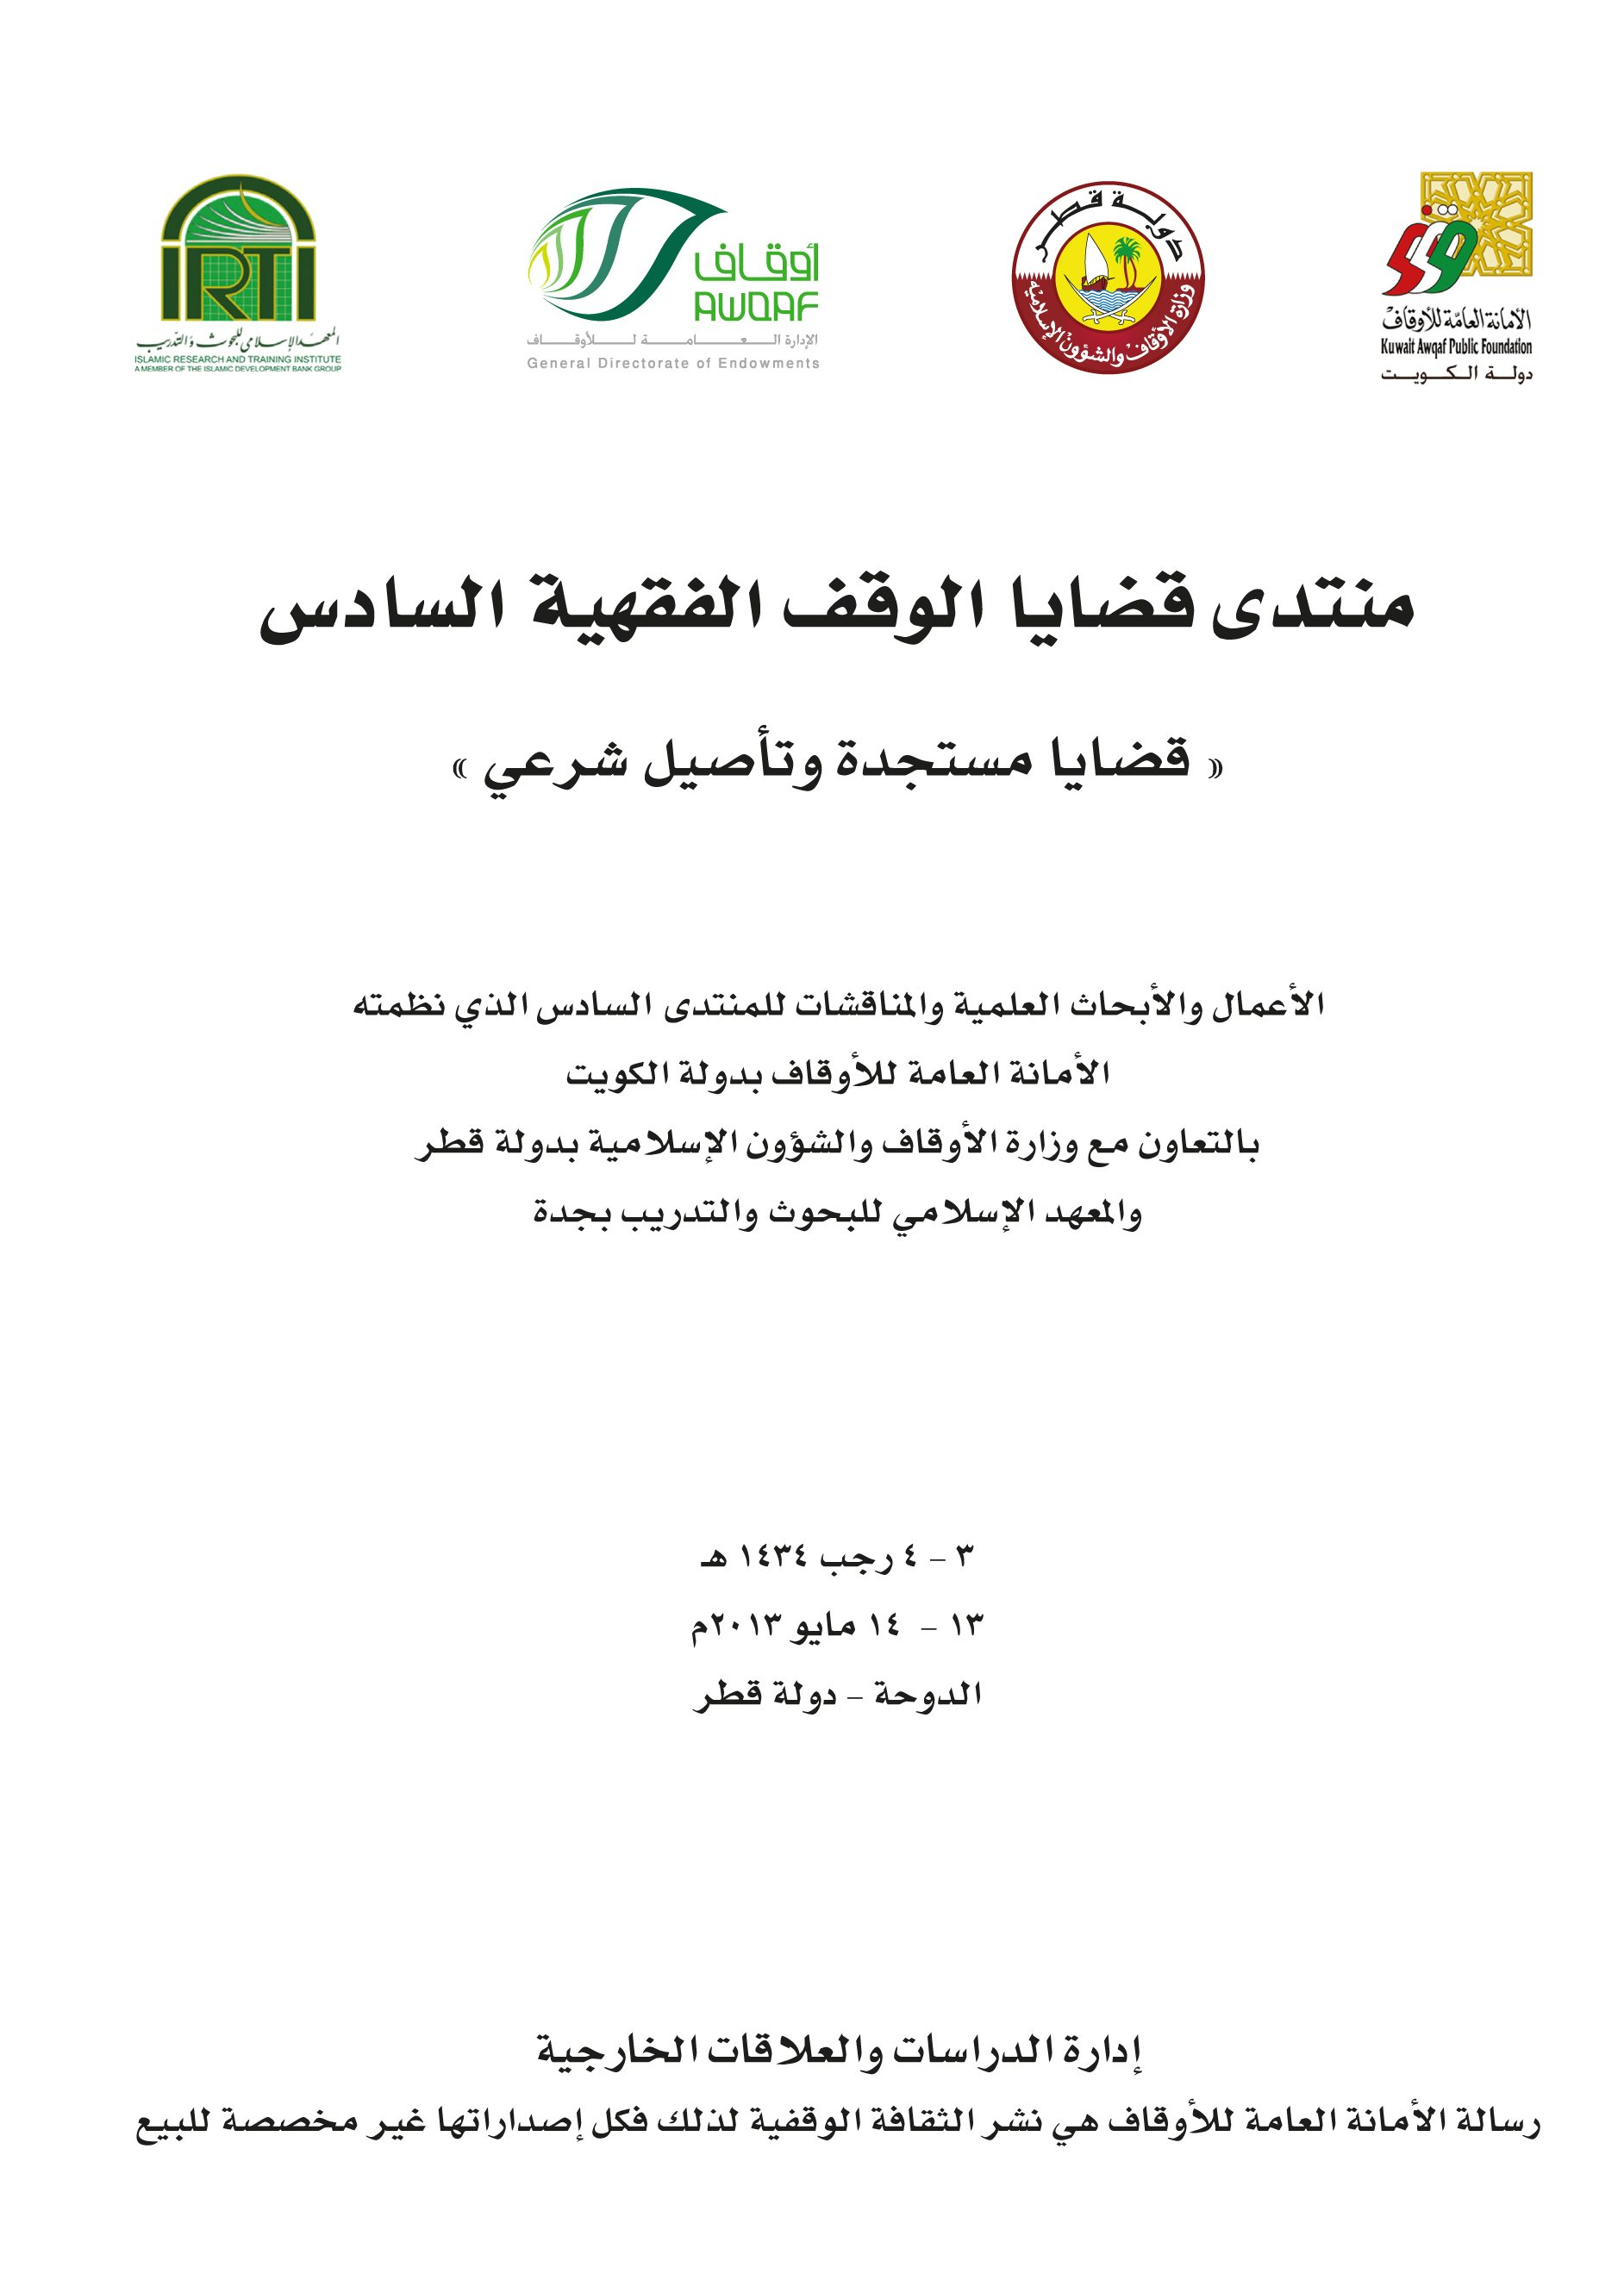 منتدى قضايا الوقف الفقهية السادس (قضايا مستجدة وتأصيل شرعي)